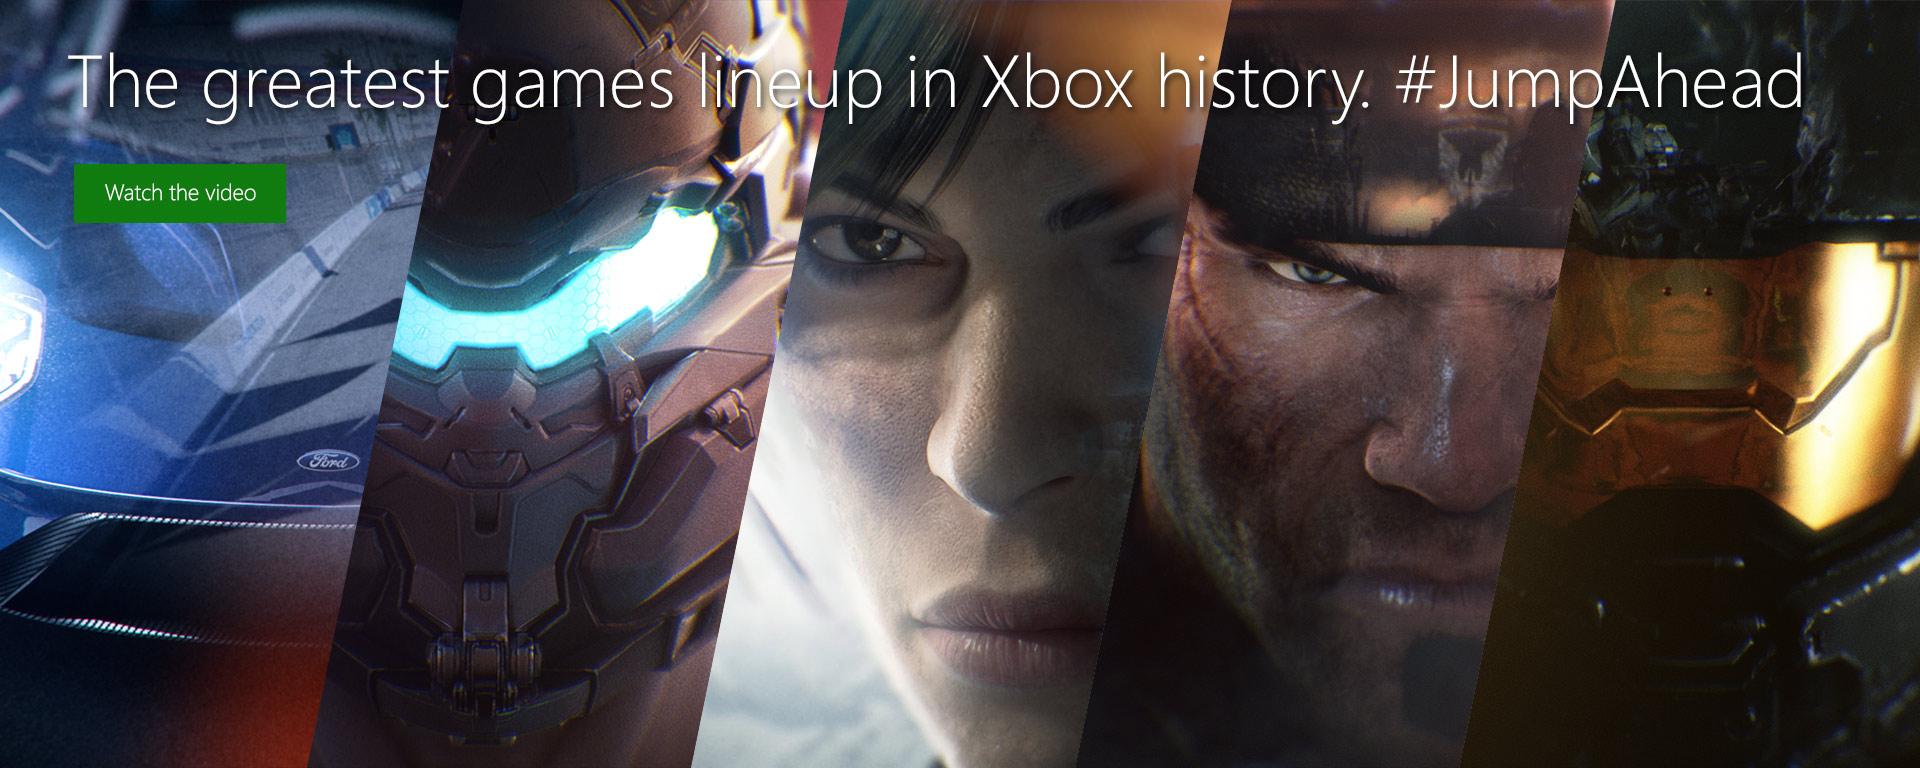 http://compass.xbox.com/assets/8f/7e/8f7e3d72-1c74-4e5f-b4b9-573ec44c5925.jpg?n=Best-Games_Hero_1920x768.jpg